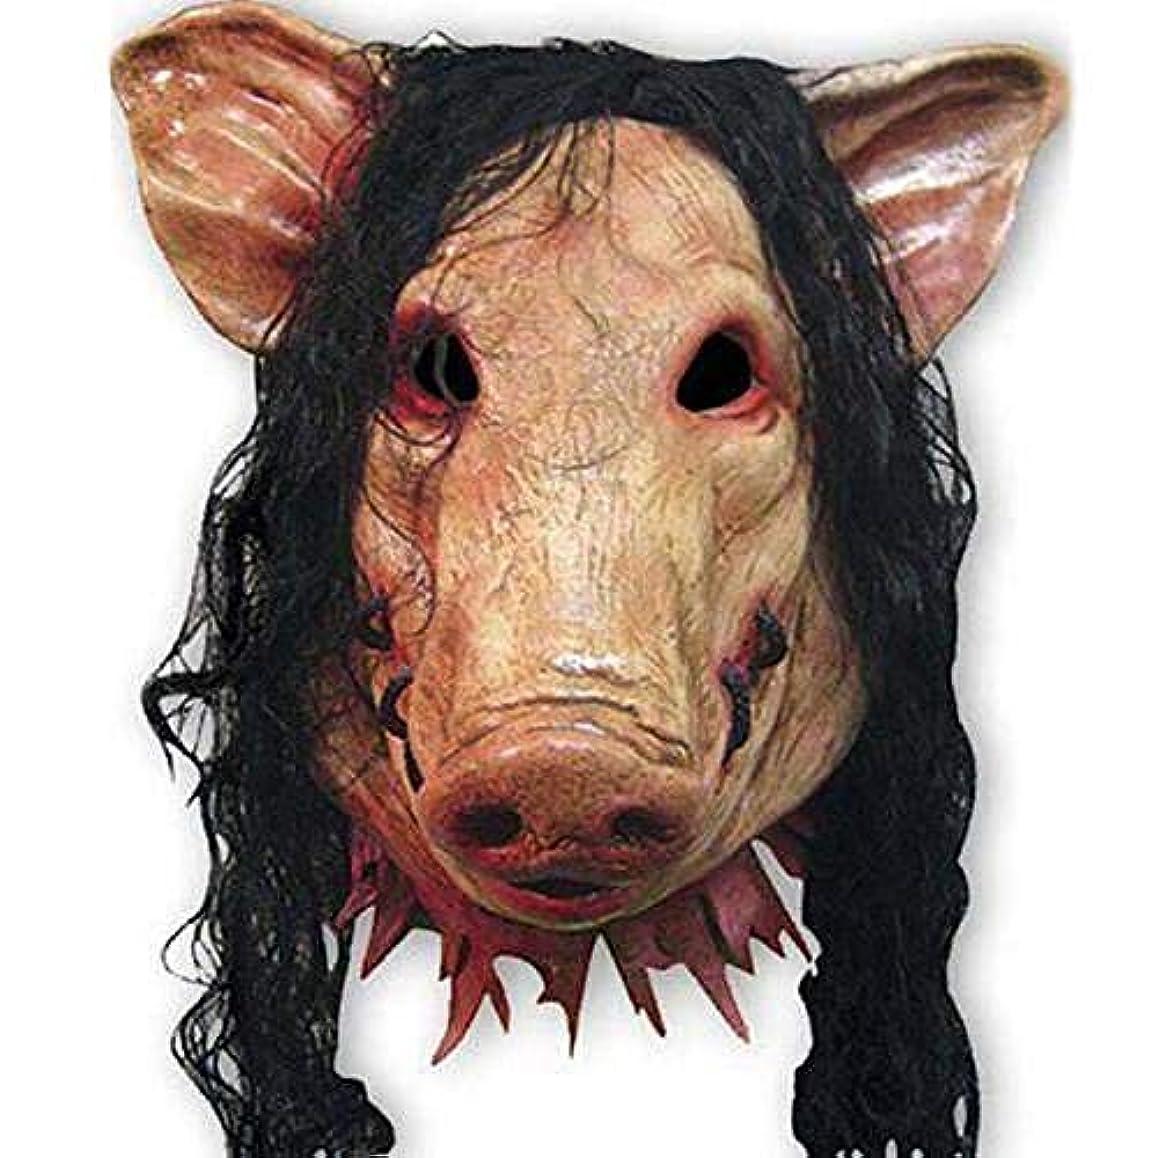 迫害するマウスピースキノコラテックス豚マスク-ハロウィンコスチュームボールコスチュームコスプレ、ユニセックス怖いマスク豚